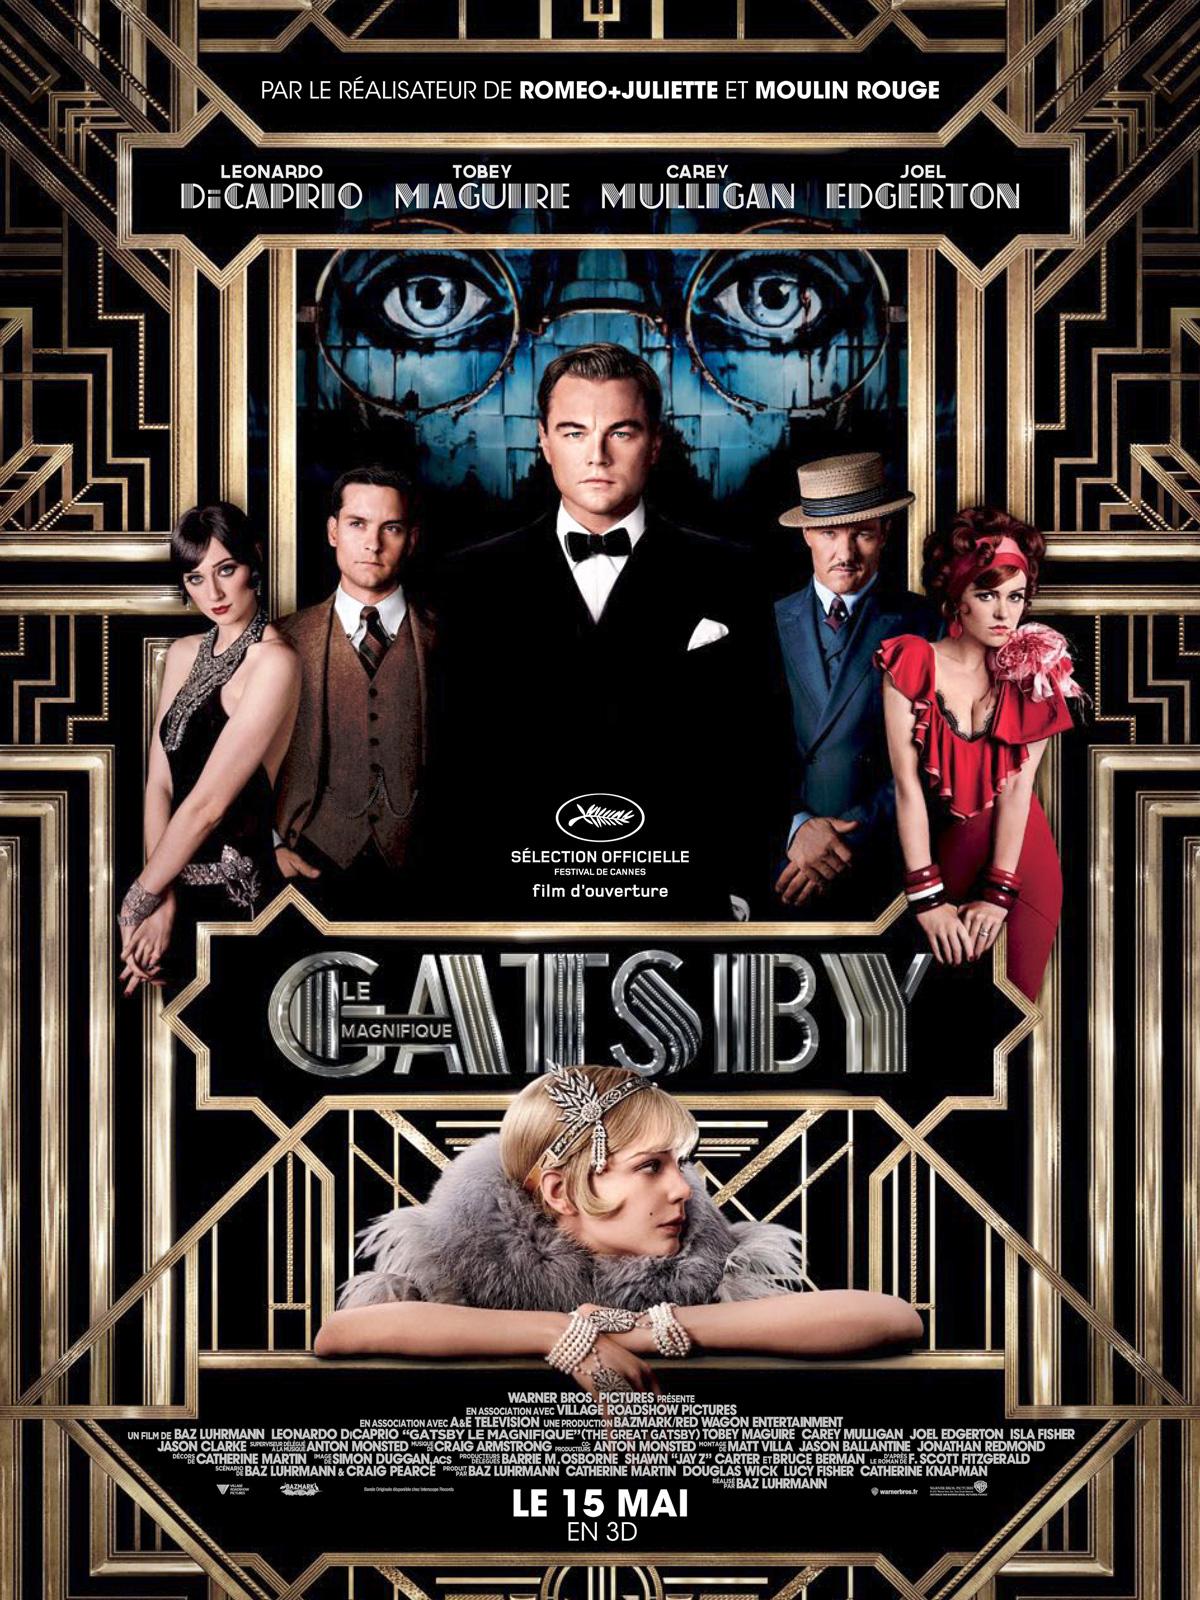 Horaires séances du film Gatsby le Magnifique